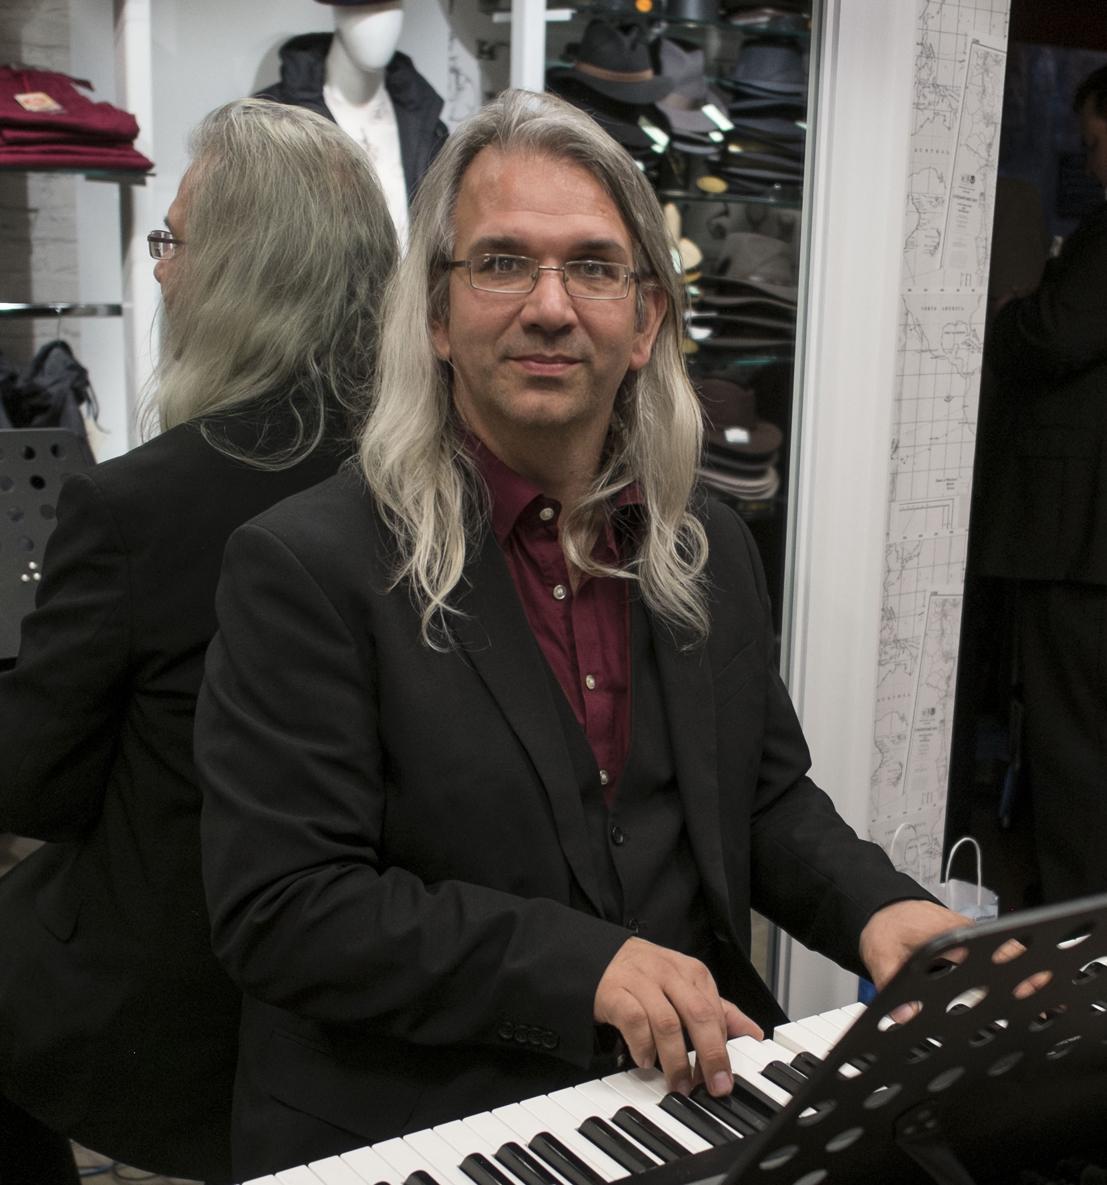 Andreas Rüsing, Komponist und Pianist